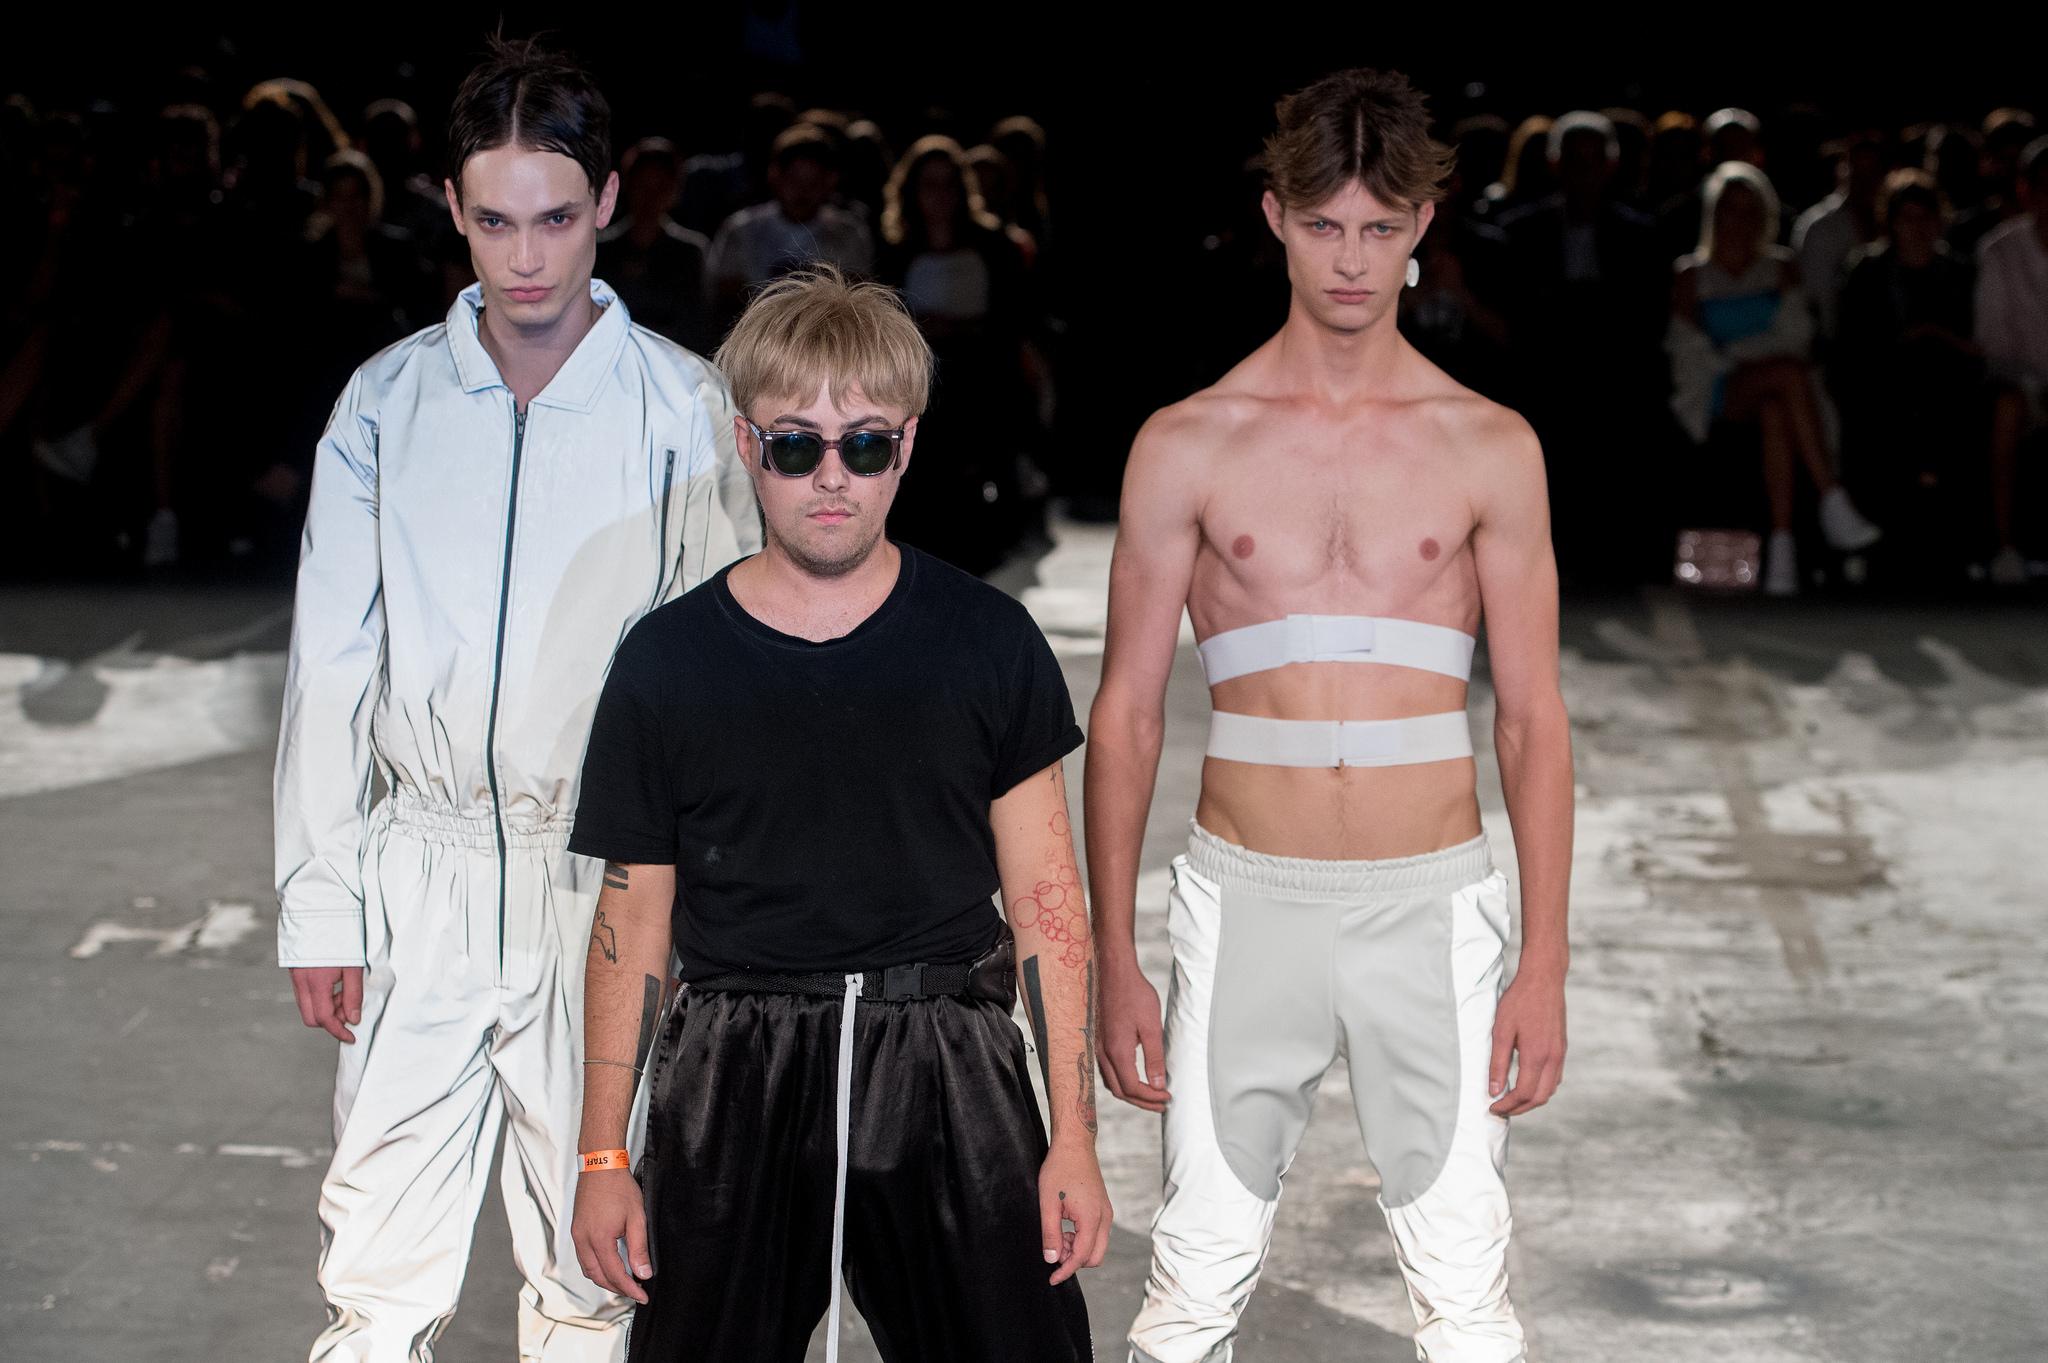 casa-de-criadores-2015-inverno-2016-coleção-masculino-moda-masculina-menswear-stylist-moda-fashion-alex-cursino-moda-sem-censura-blogger-blog-de-moda-blogger-blogueiro